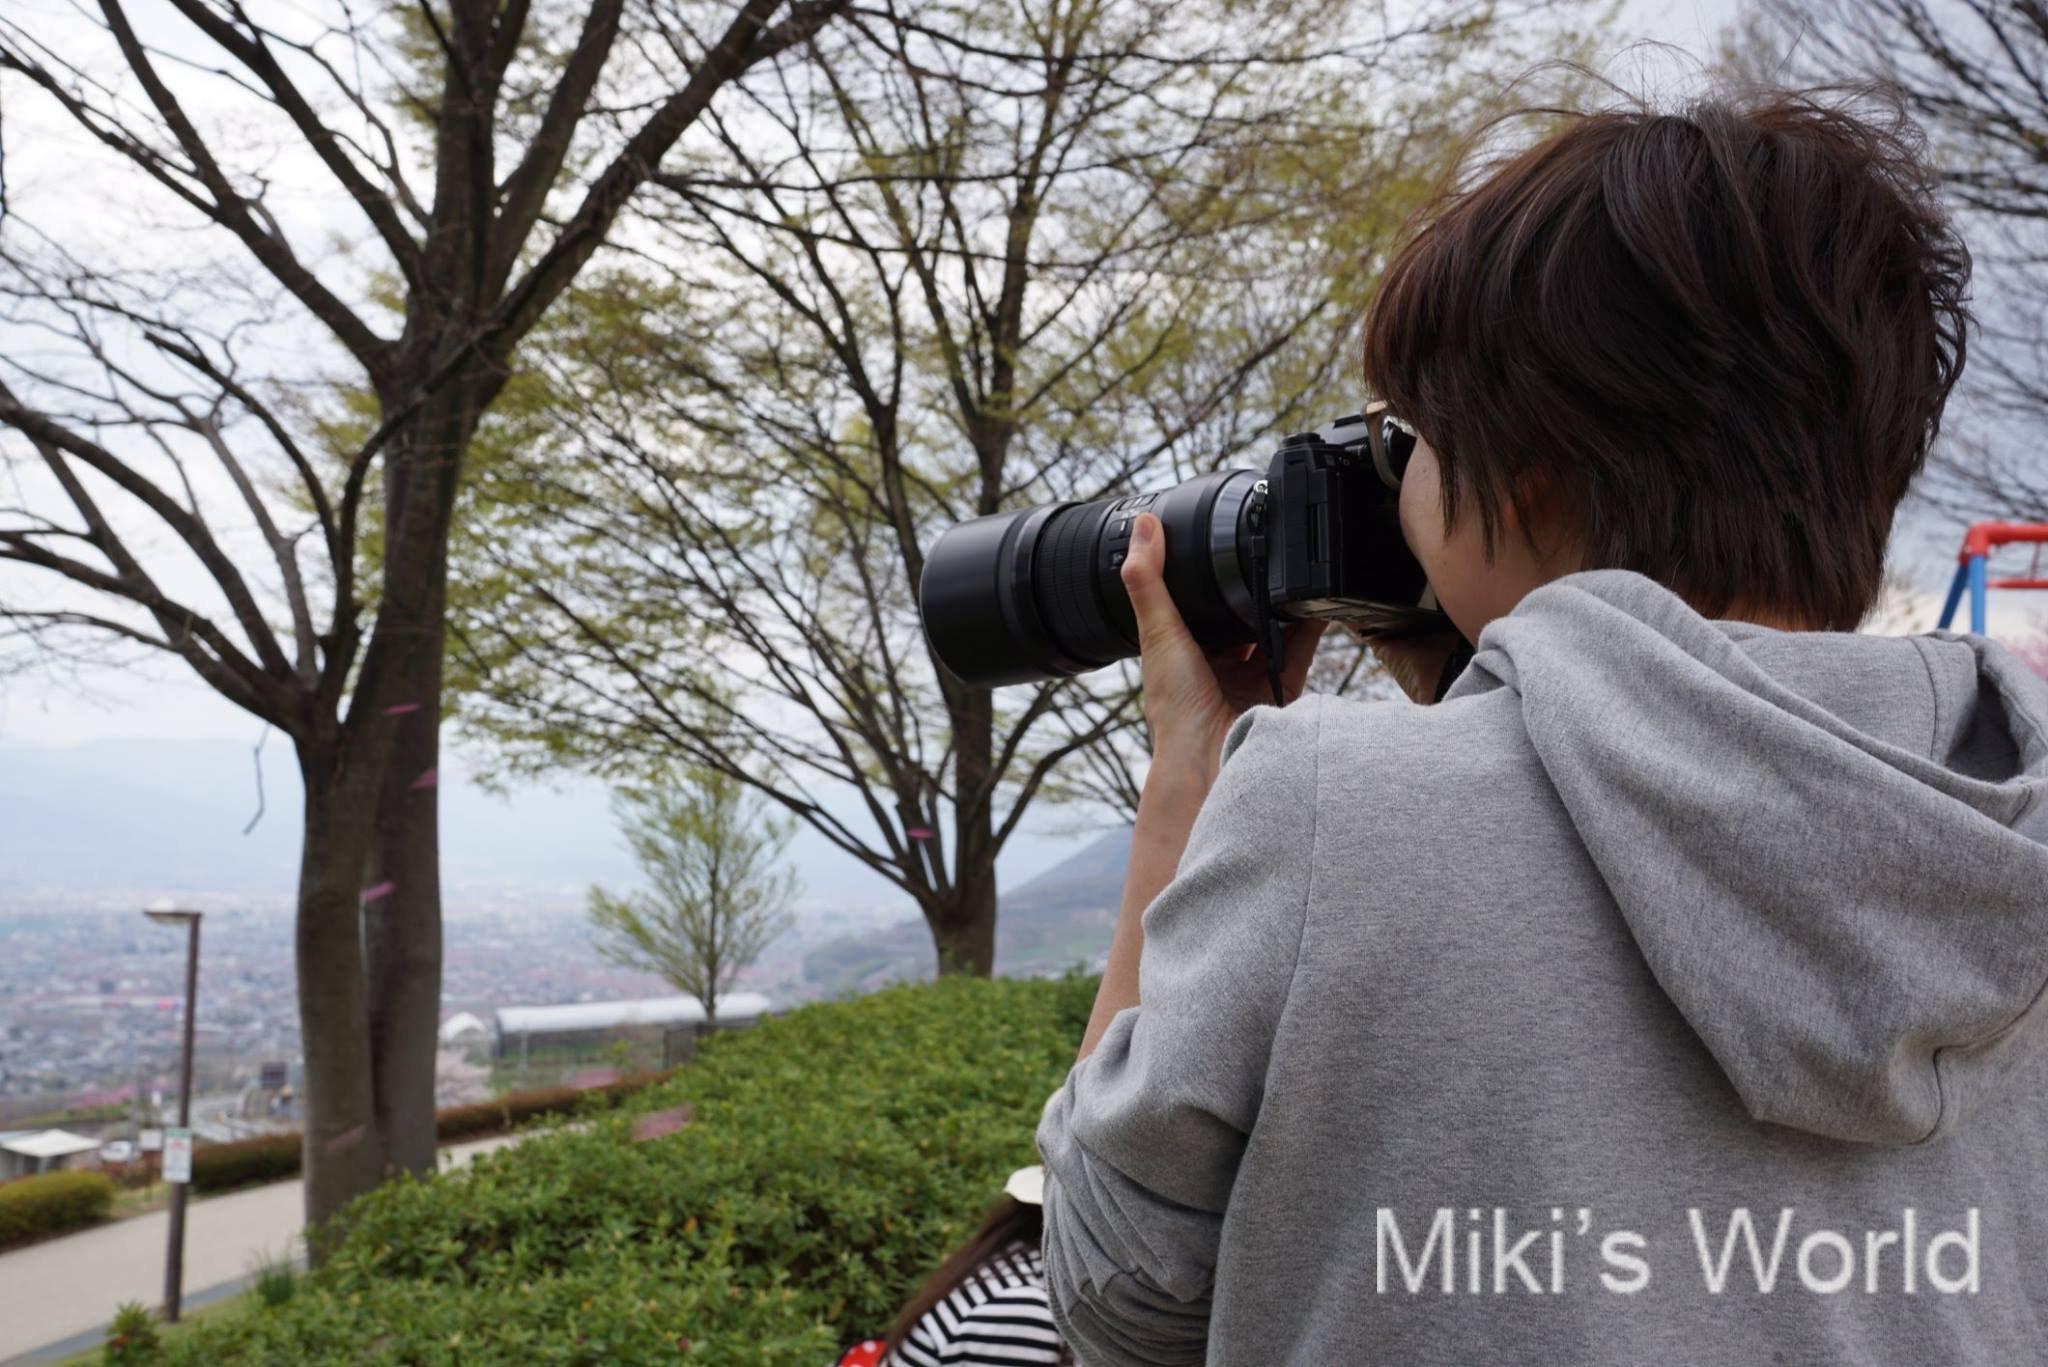 私がオリンパスで撮影を続けた理由 写真を撮る喜びと楽しみ